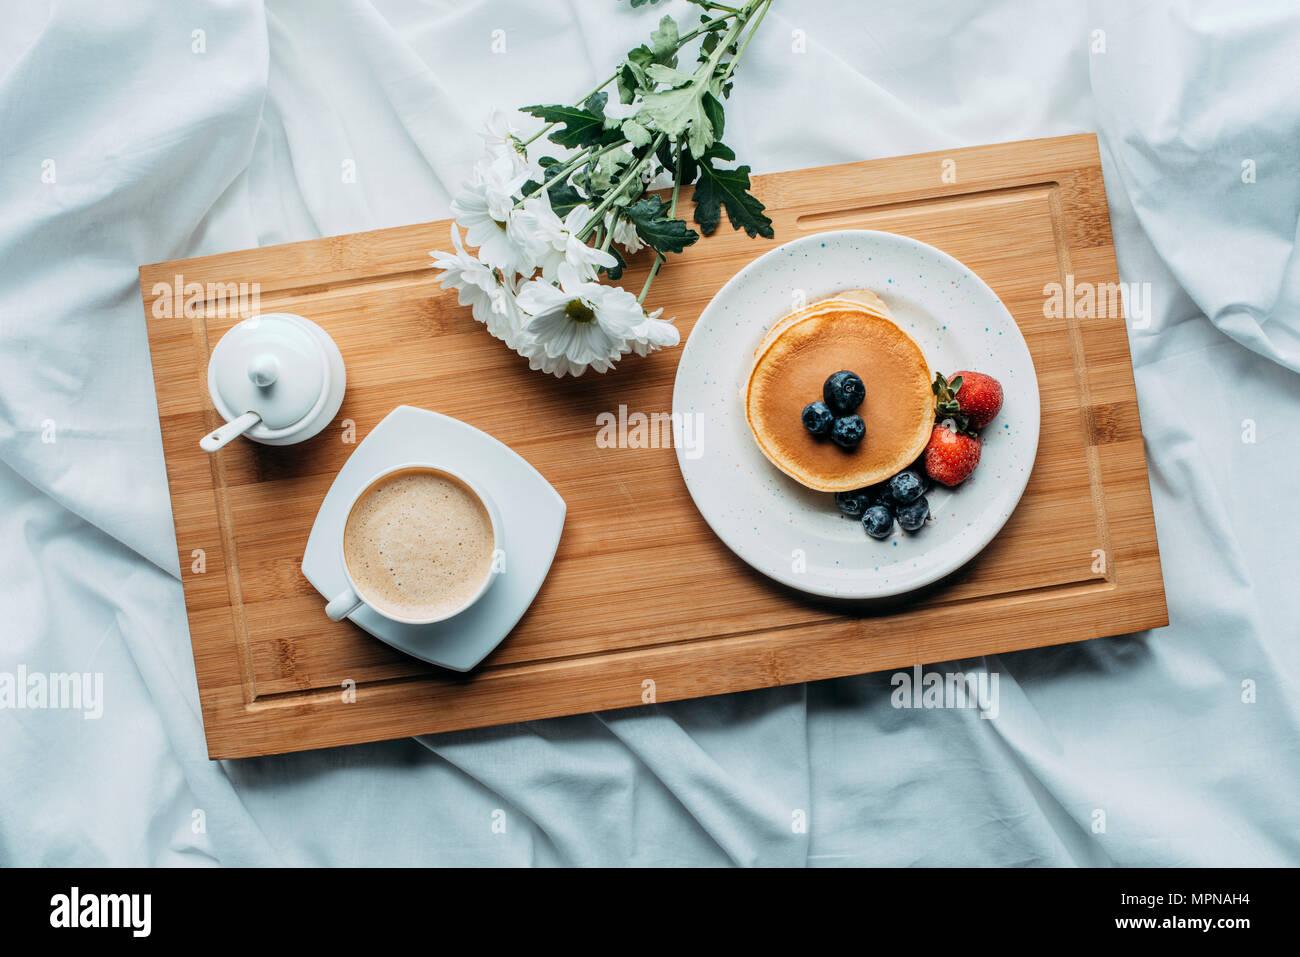 Vista superiore della colazione a letto con deliziose frittelle e caffè sul vassoio in legno Immagini Stock